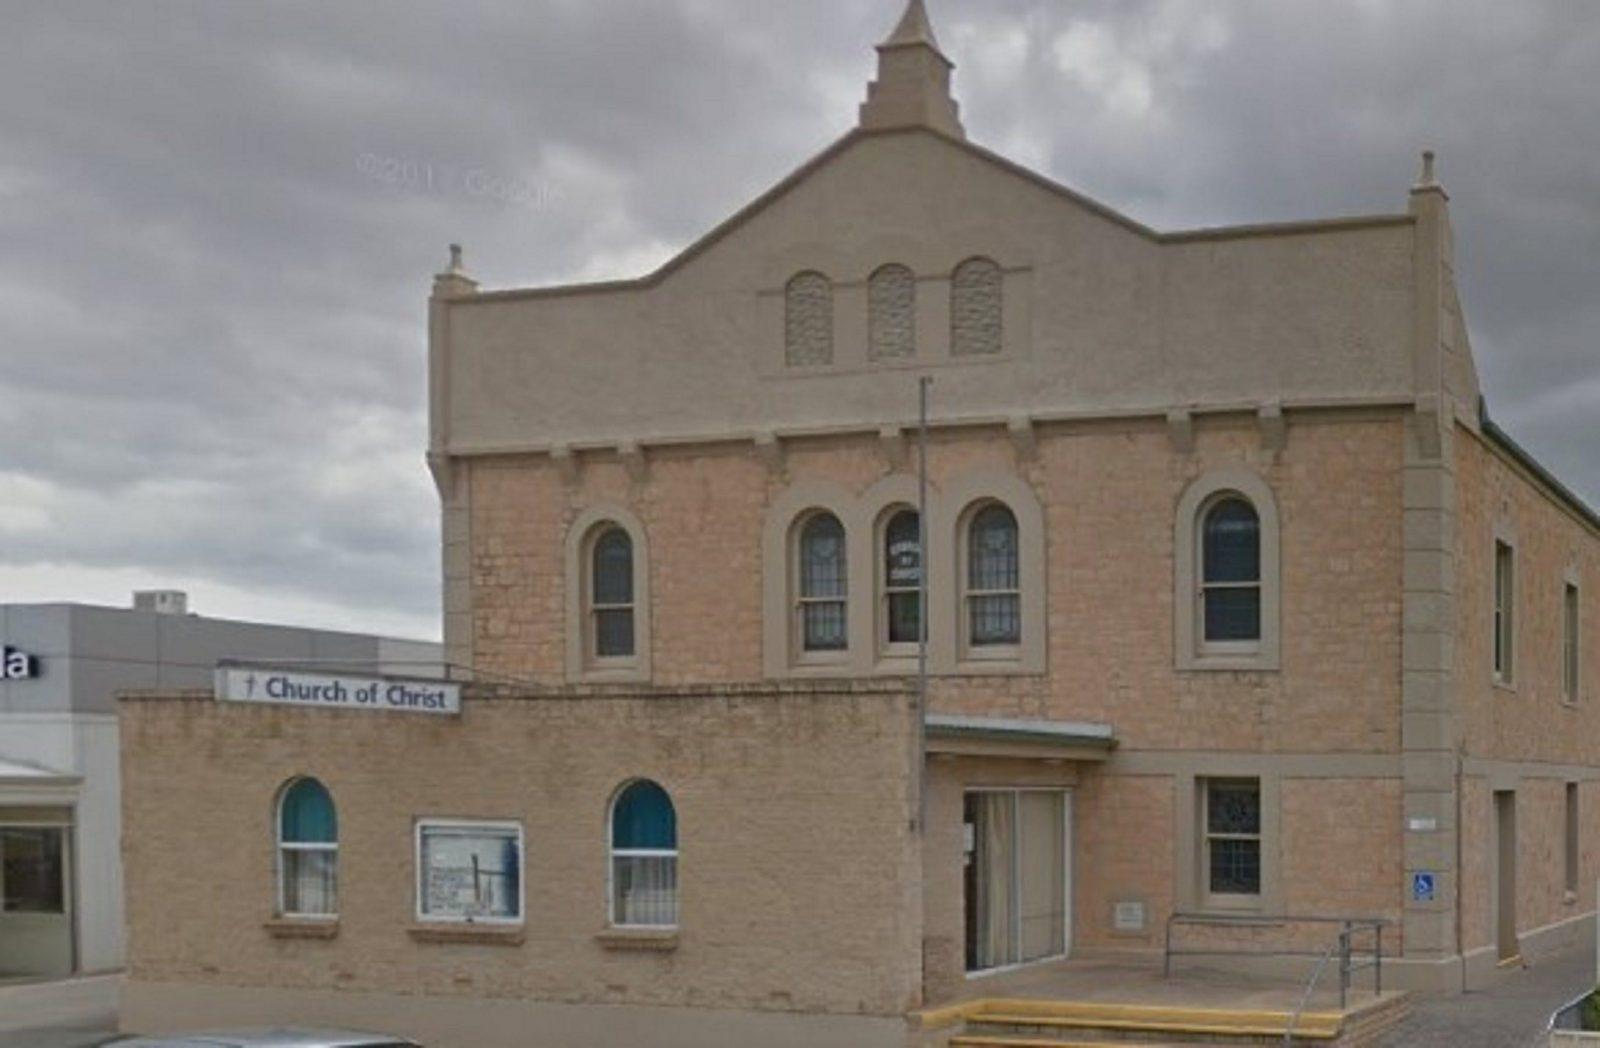 Kadina Church of Chris